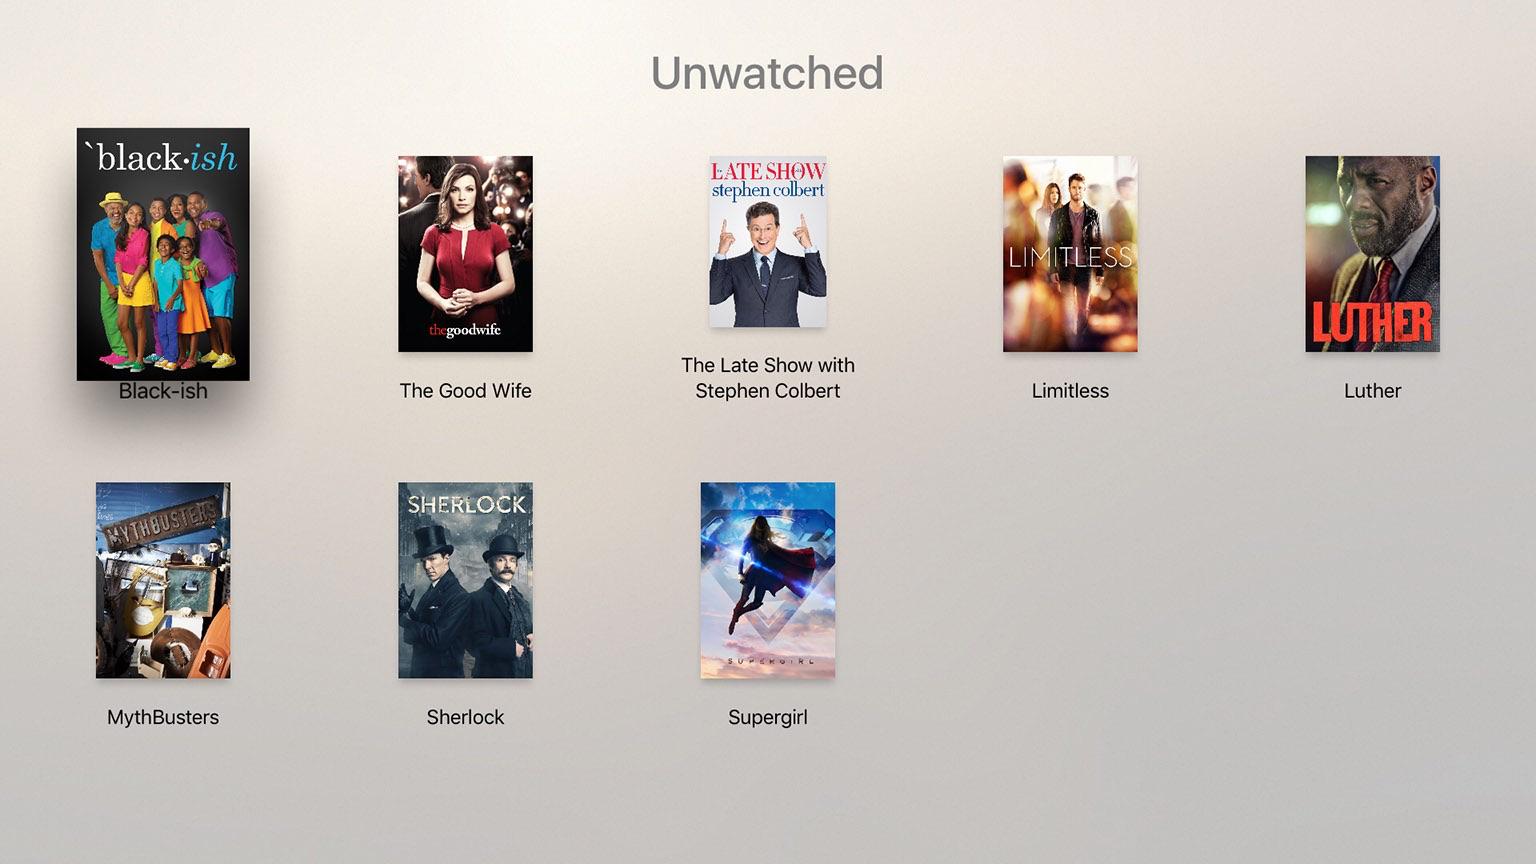 VLC op de Apple TV met nog niet bekeken films.